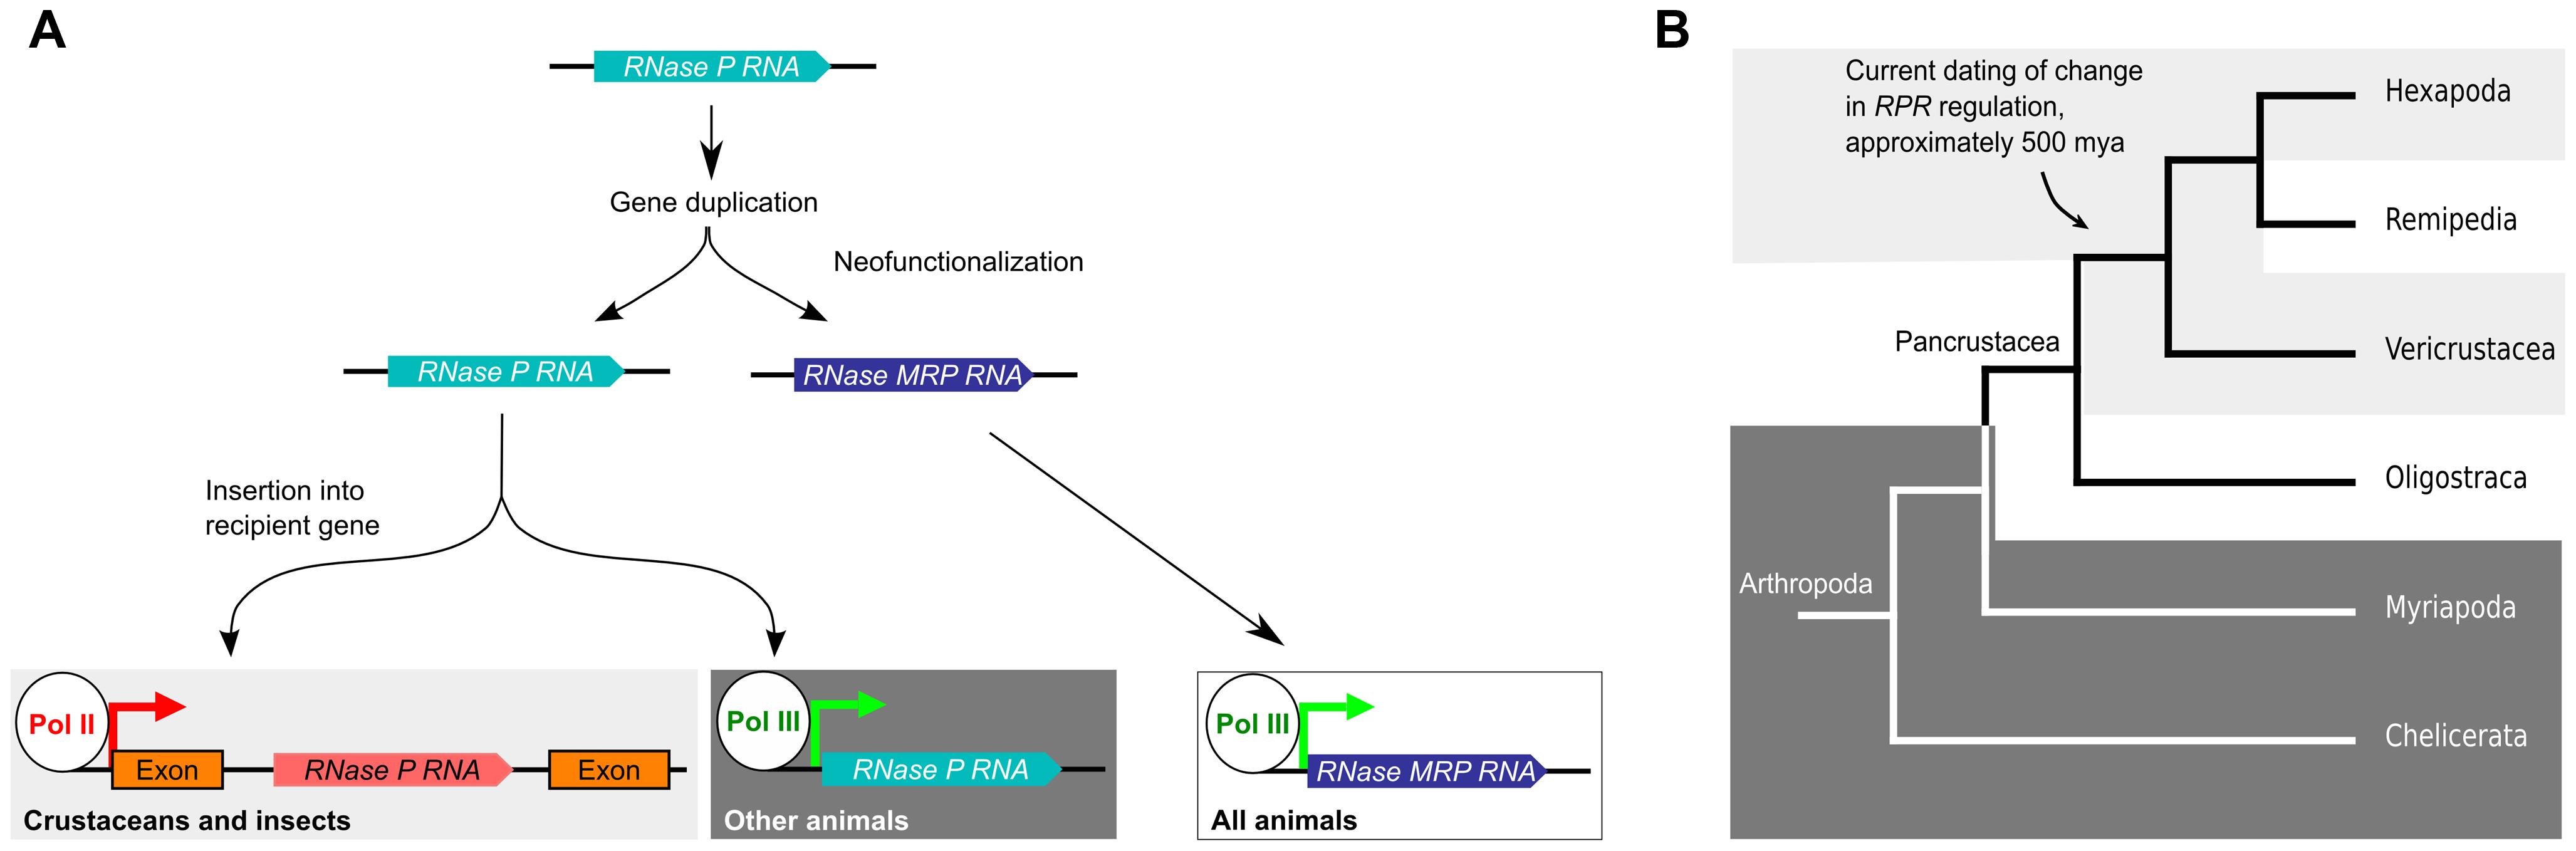 Model for the evolutionary history of <i>RPR</i>.